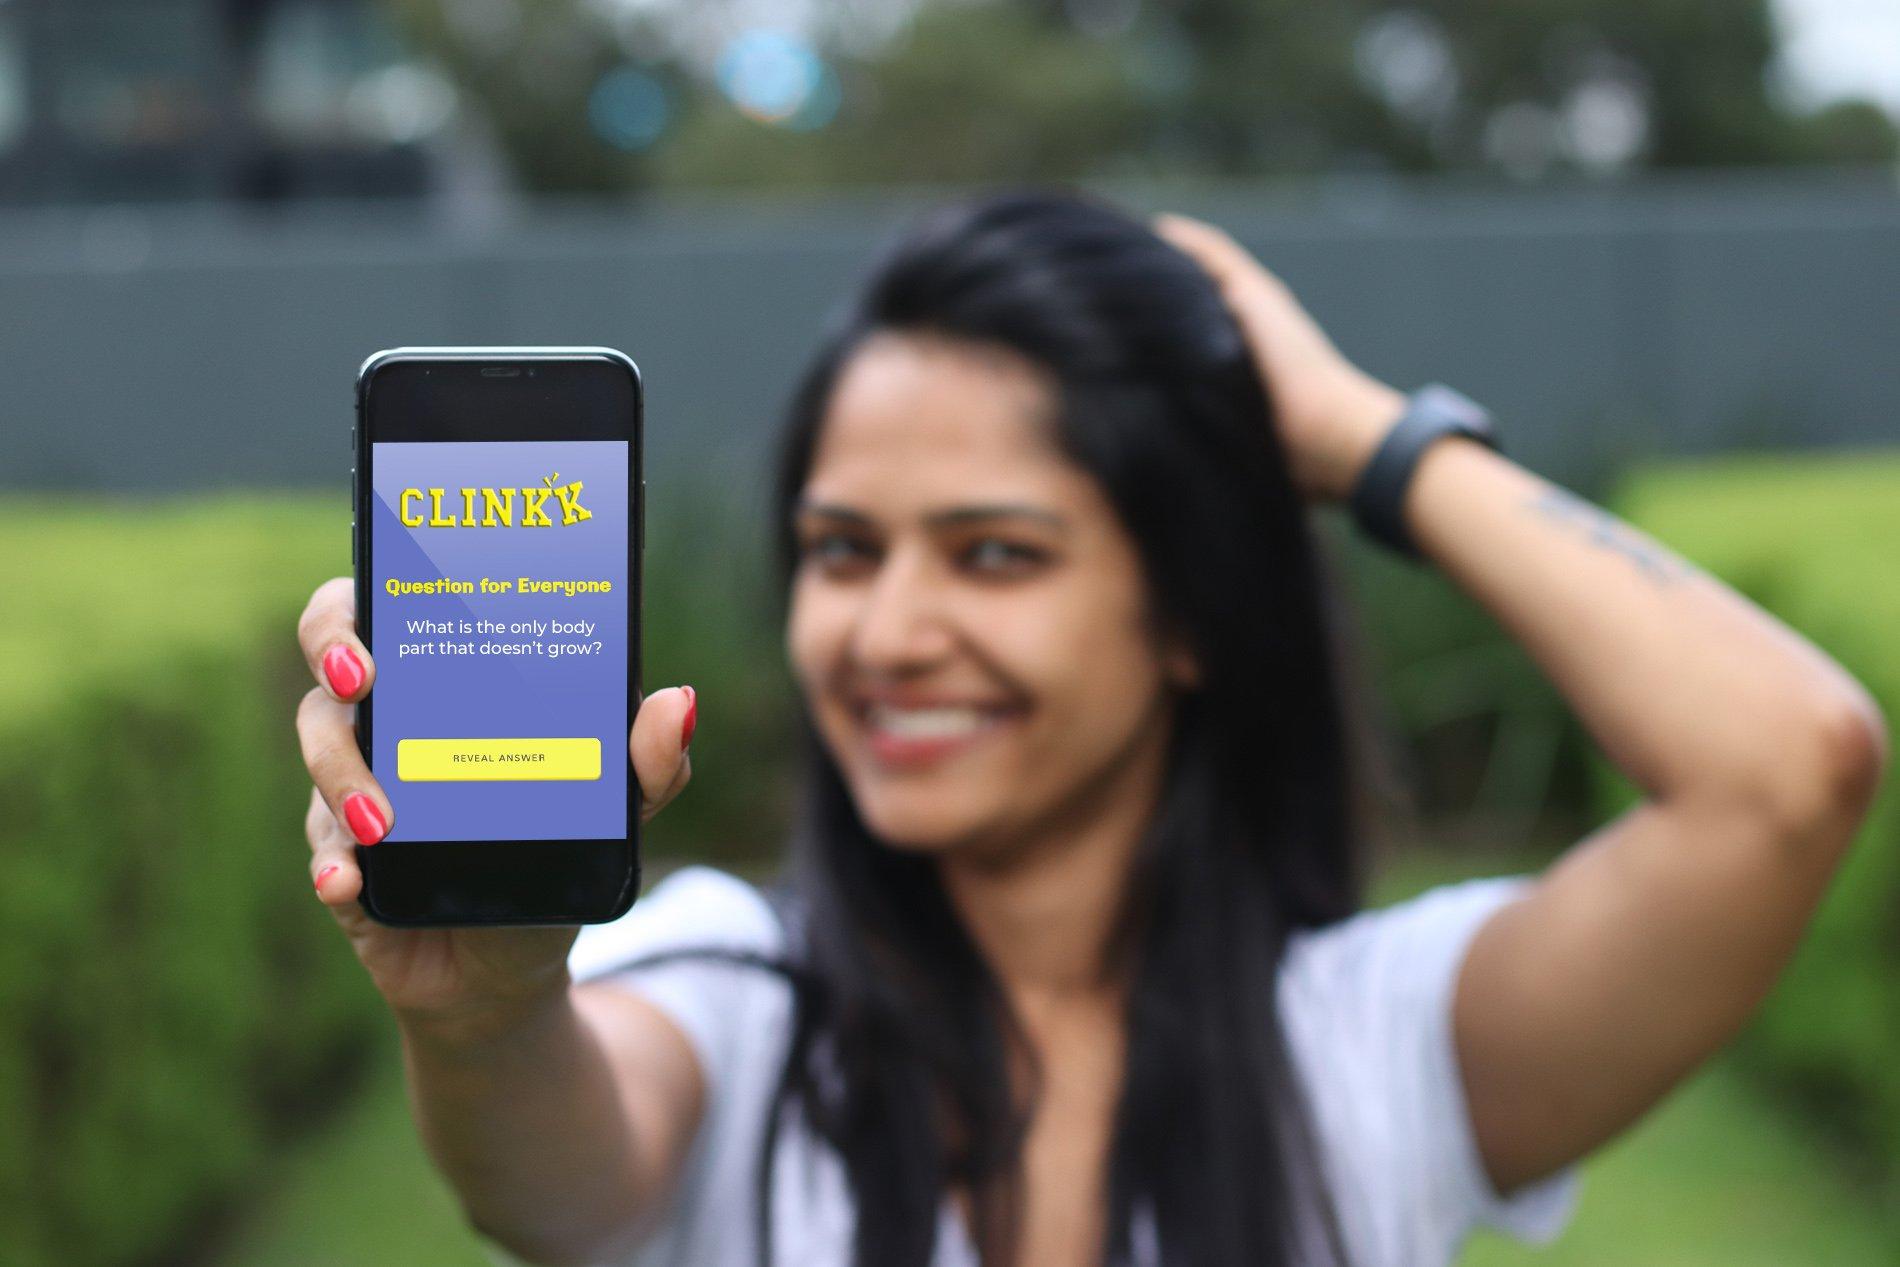 clinkk app question promo 1